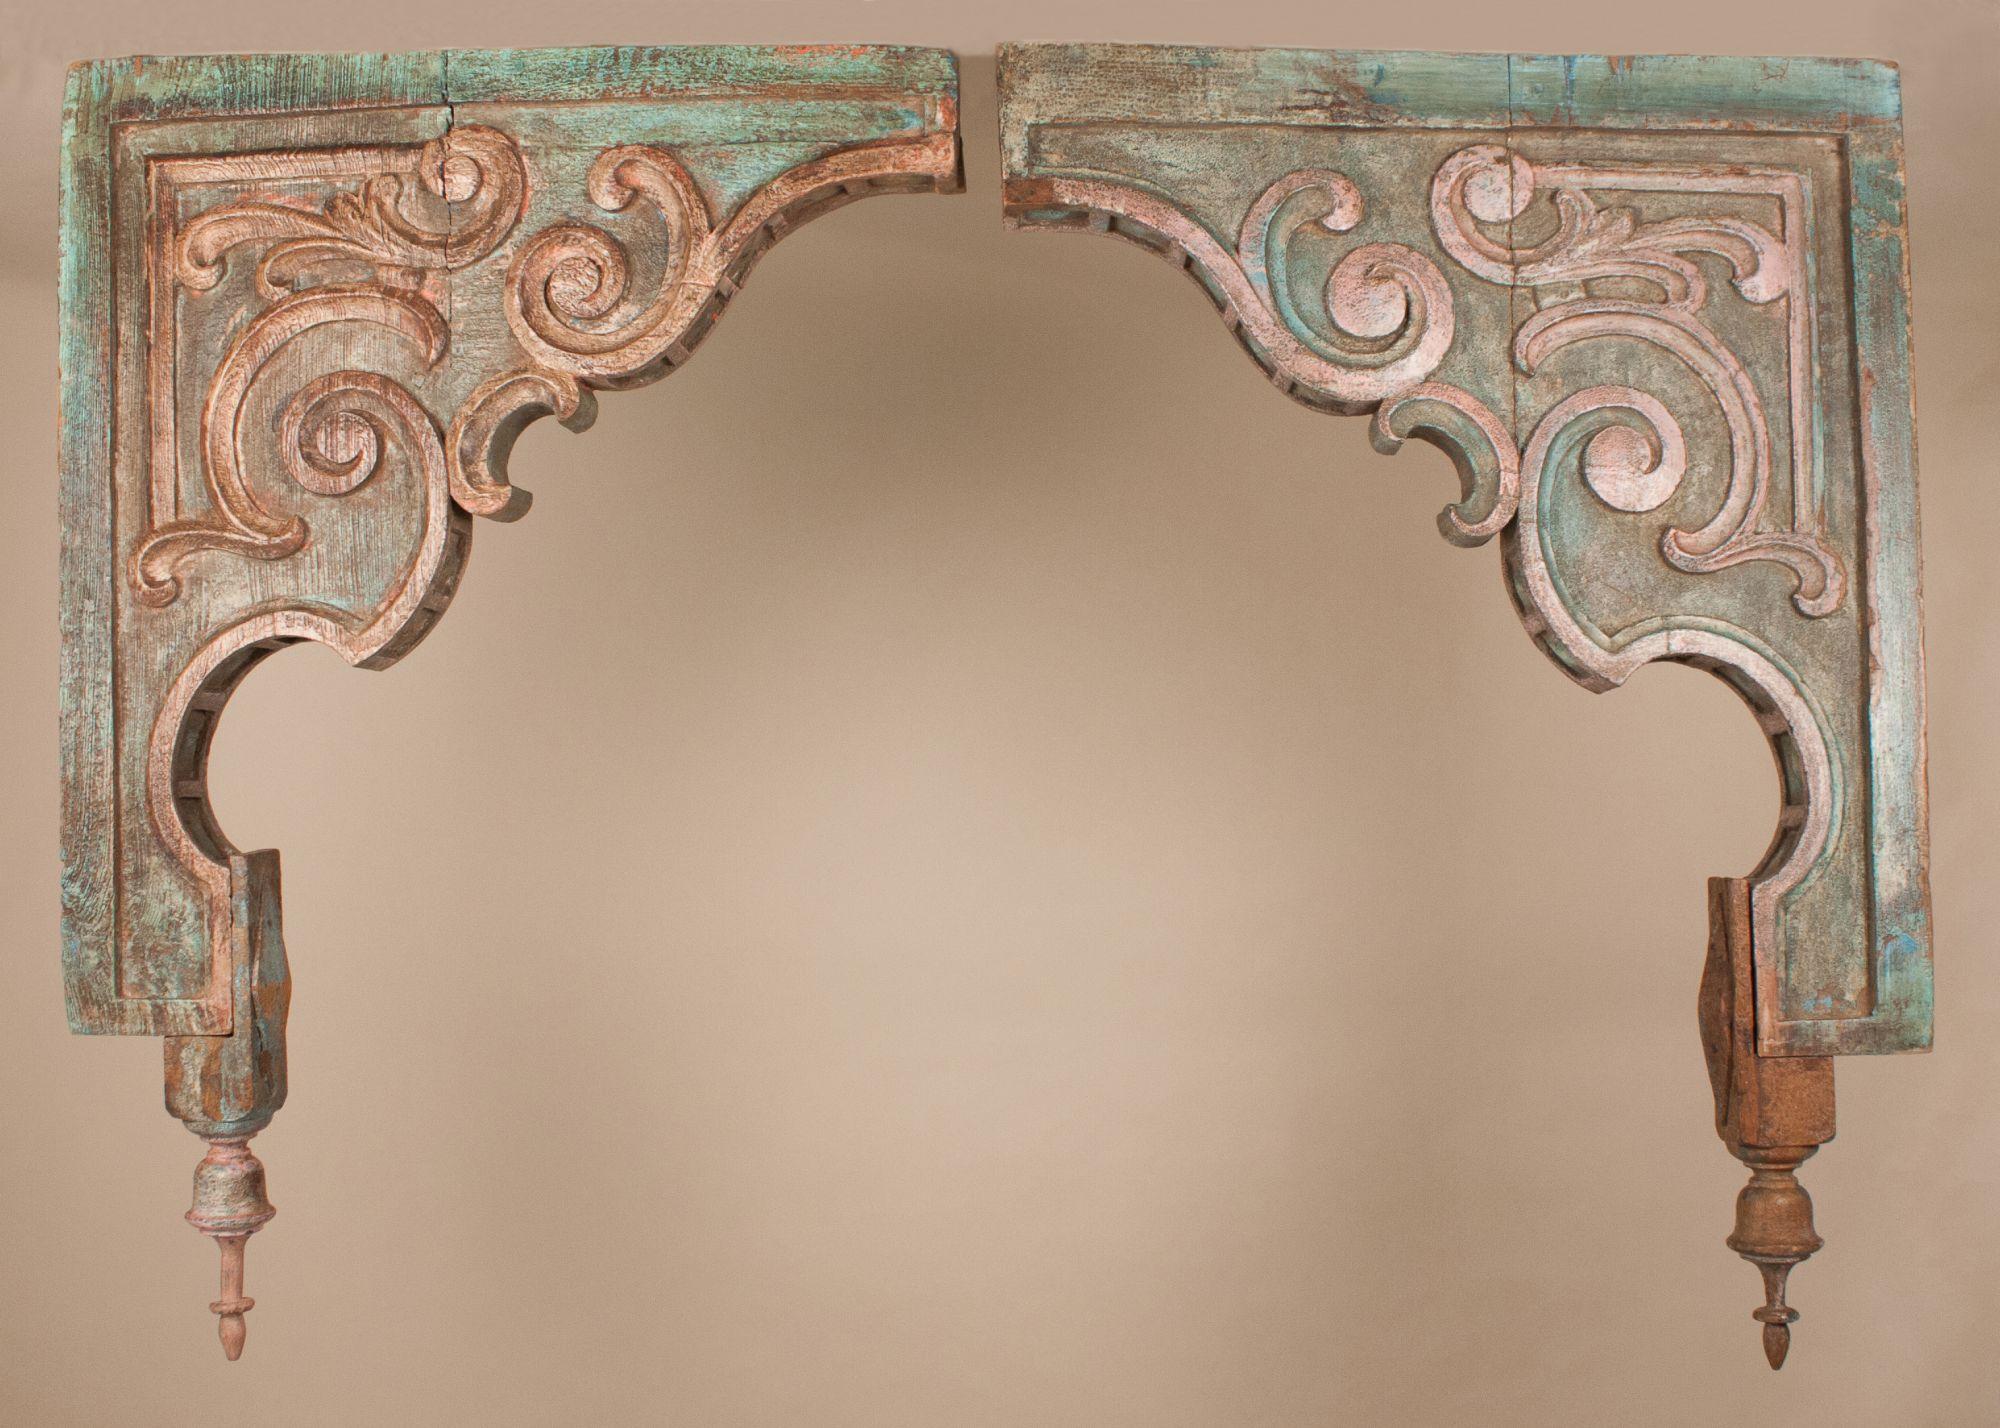 Pair of Antique Painted Teak Wood Corbels from Gujarat ...